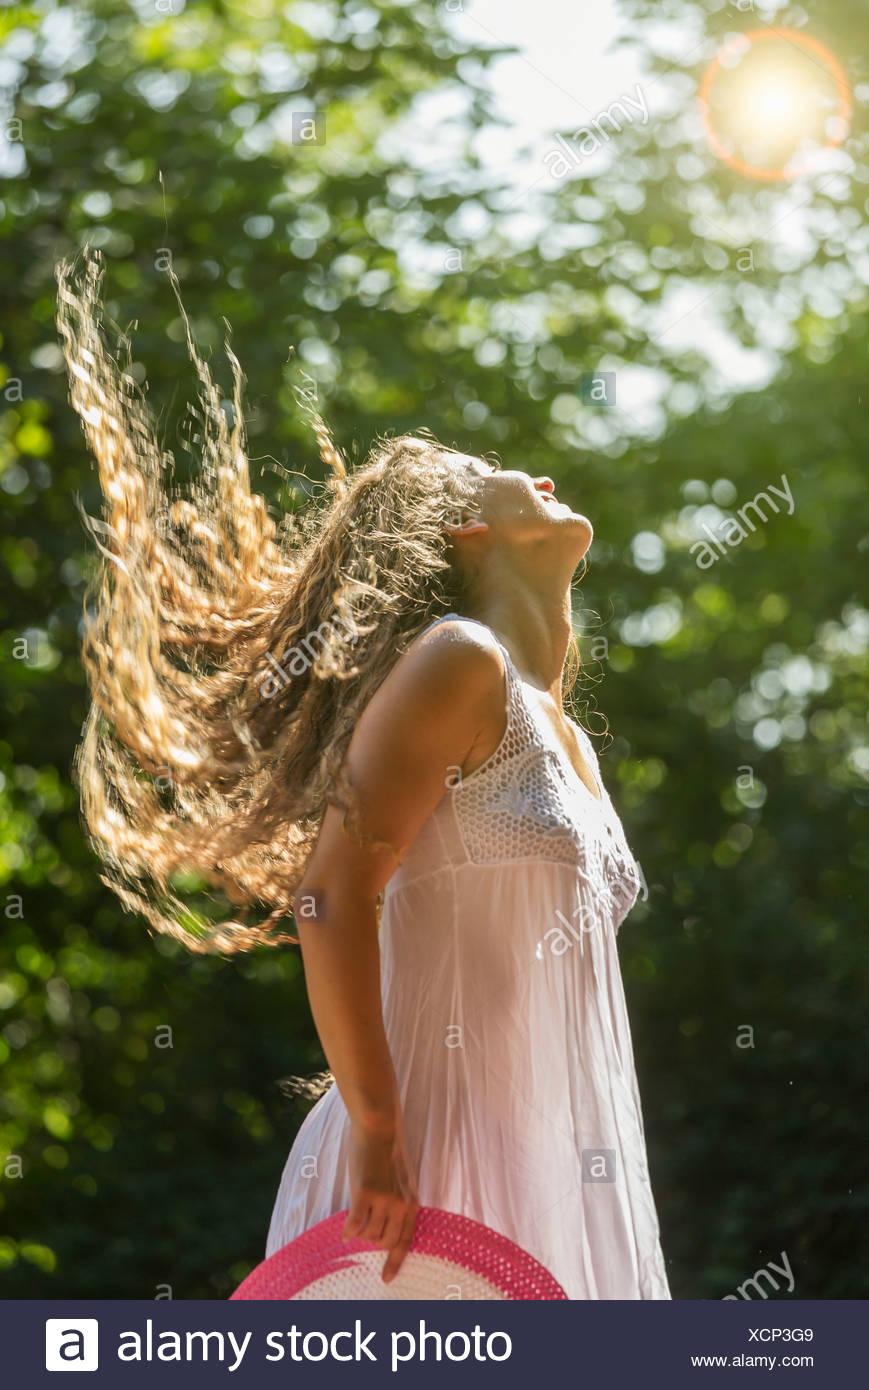 Ragazza adolescente indossando white sundress tossing capelli lunghi, Praga, Repubblica Ceca Immagini Stock